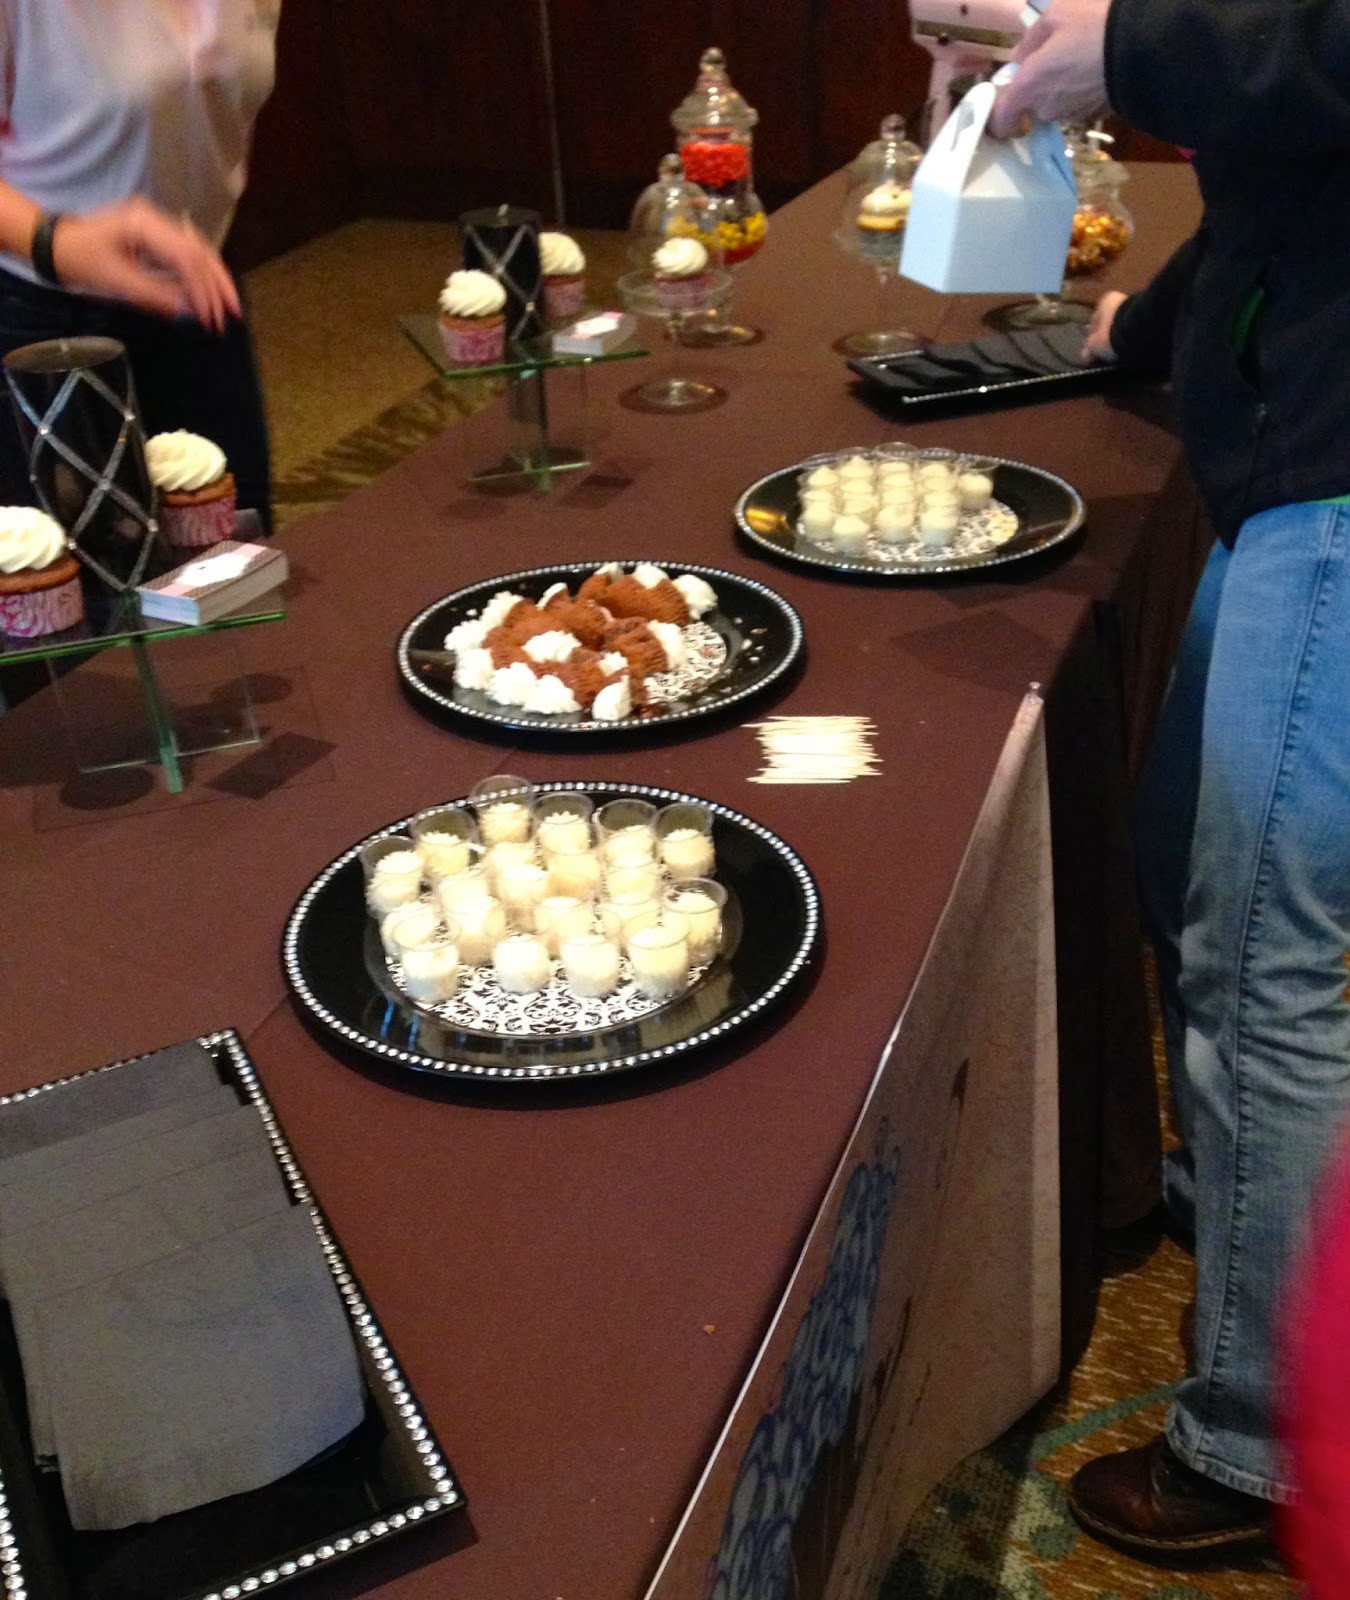 New England Desserts  The Preppy Hostess New England Dessert Showcase